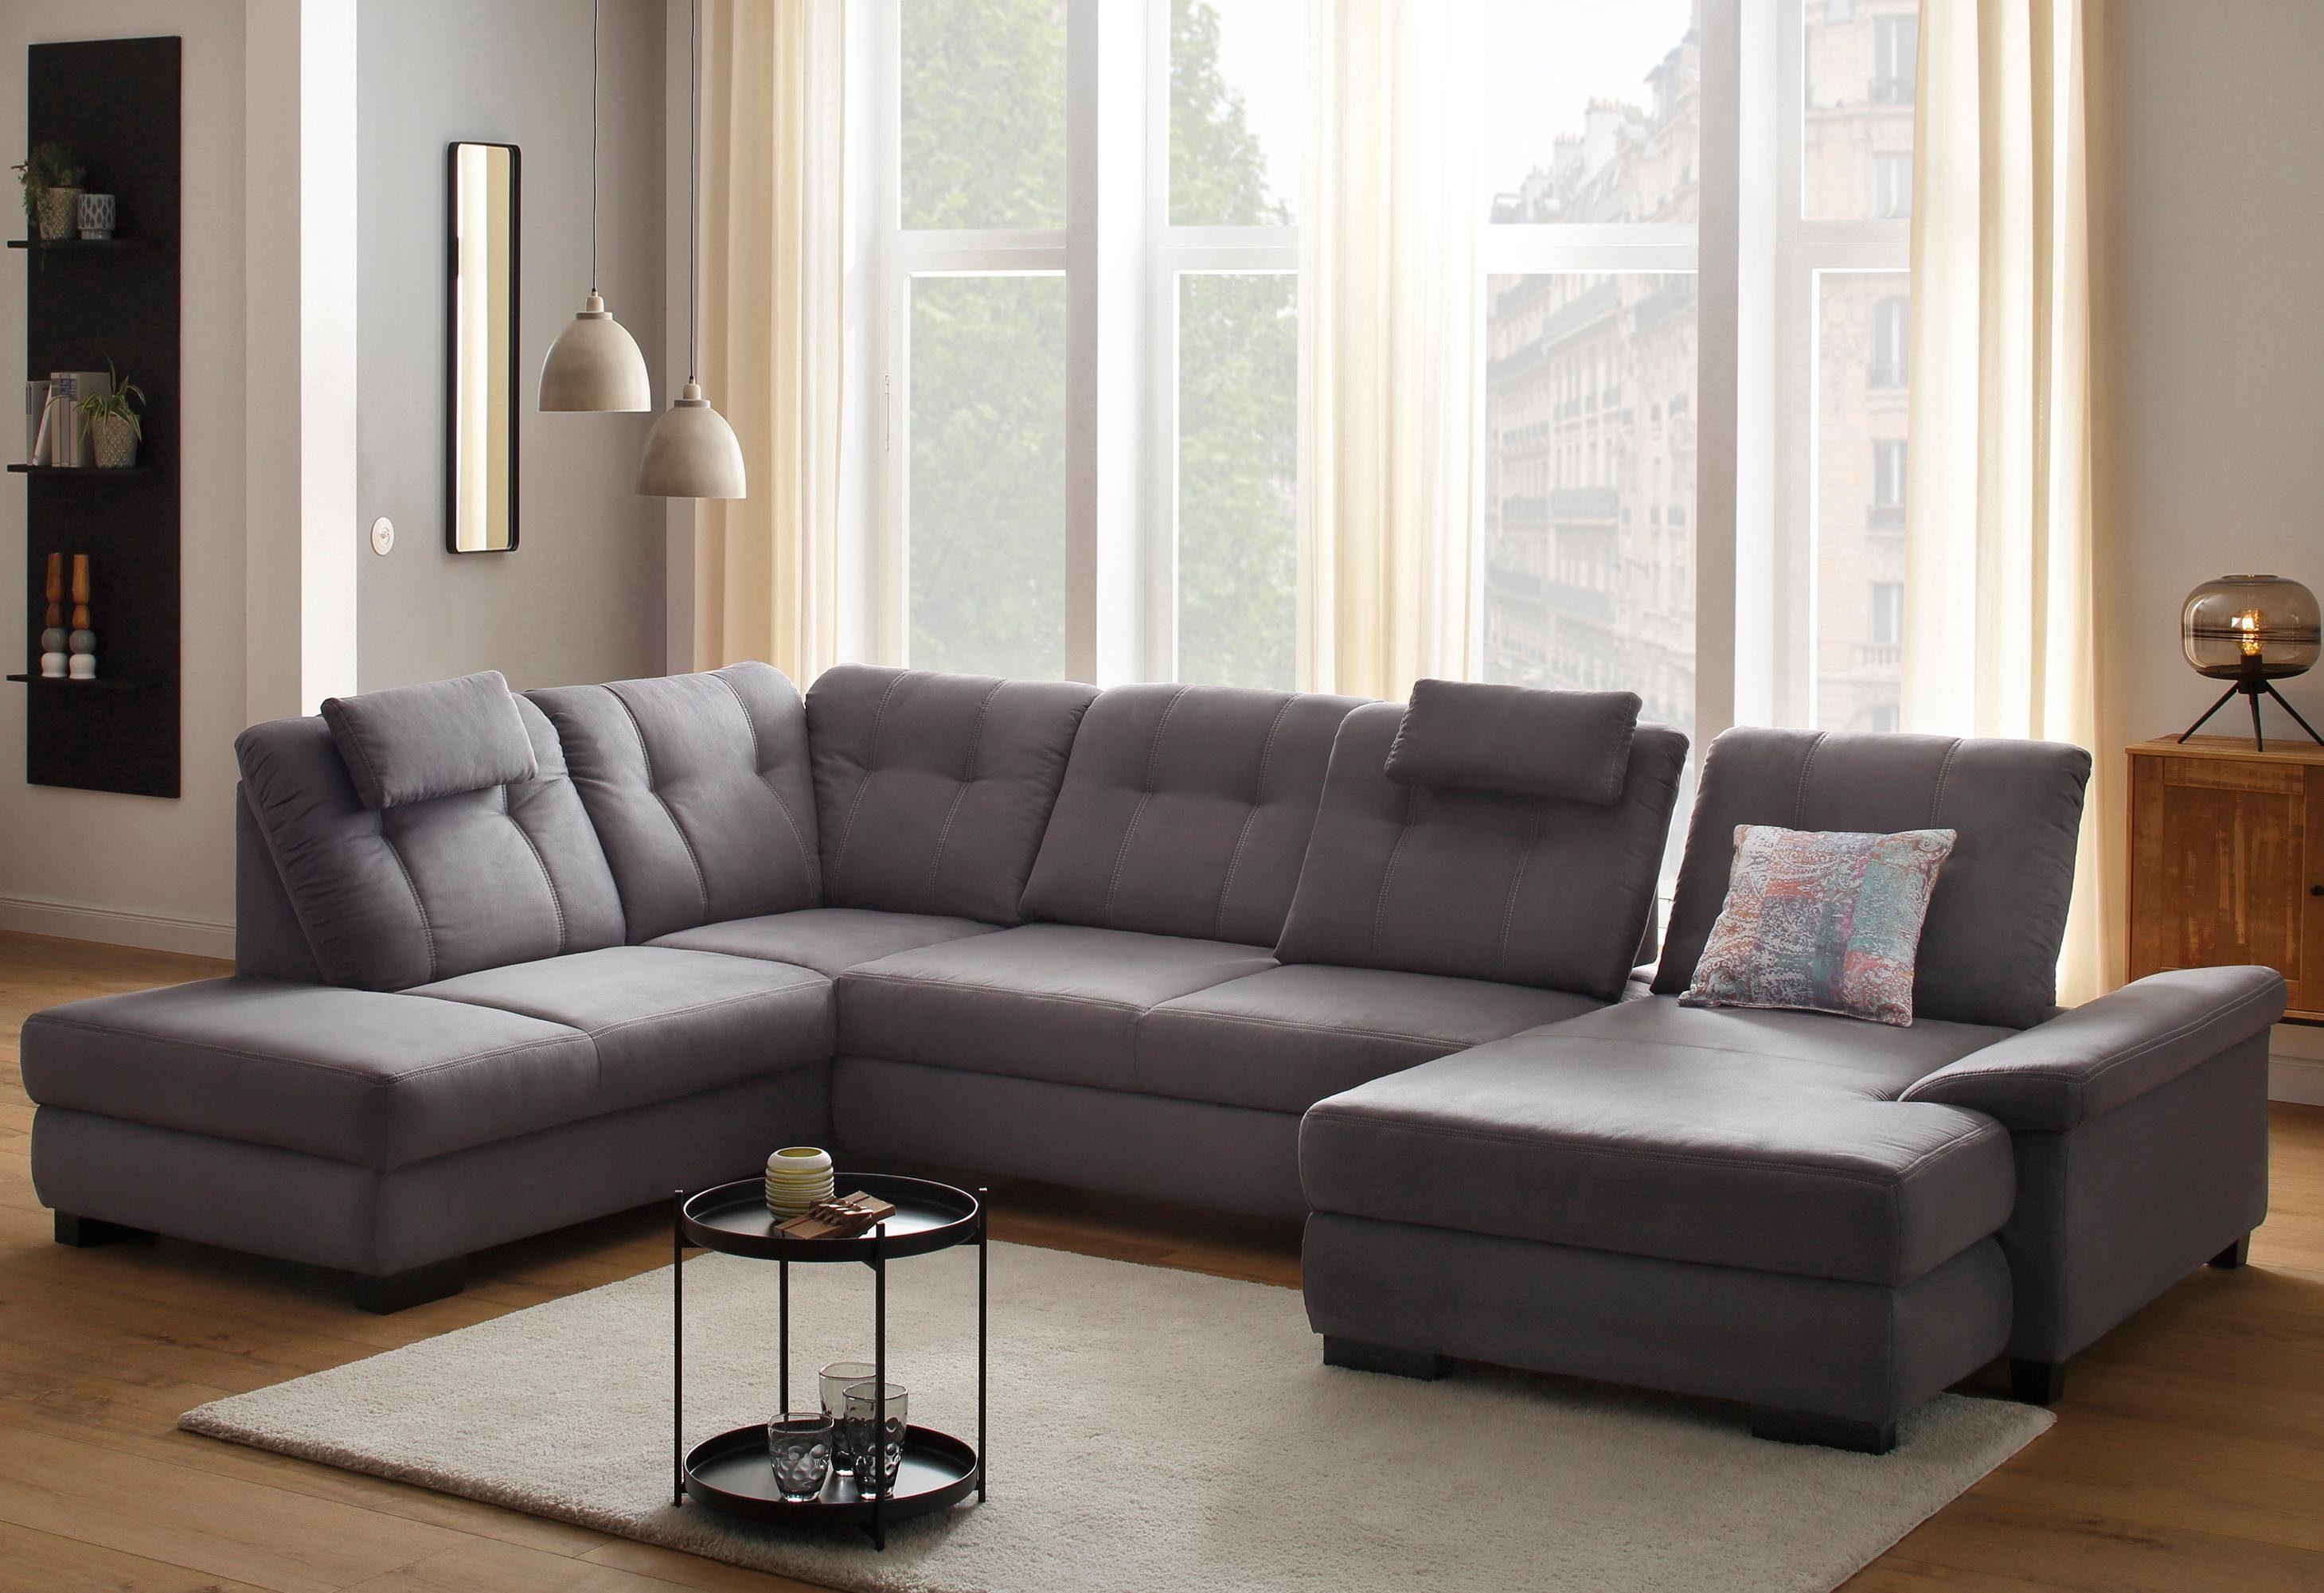 Home affaire Wohnlandschaft »Sven«, mit Sitztiefenverstellung, wahlweise mit Bett und Bettkasten